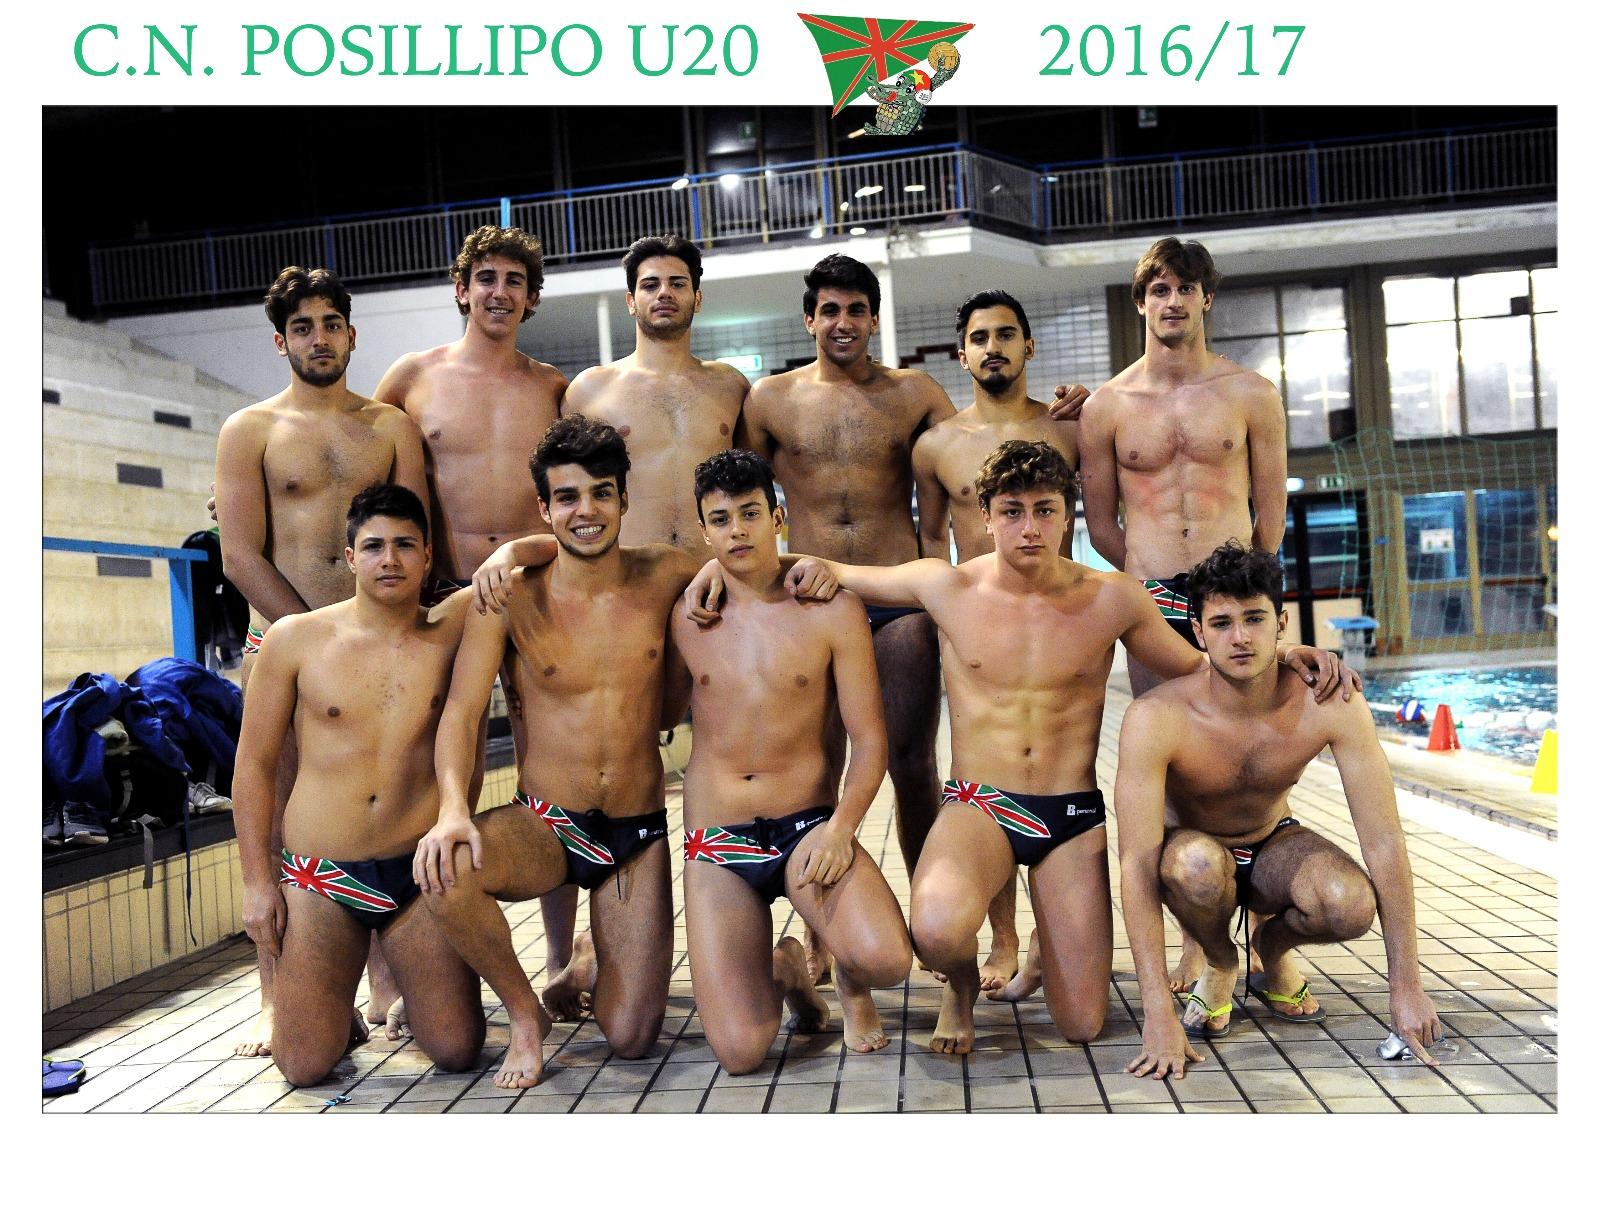 Squadra Under20 CN Posillipo Pallanuoto